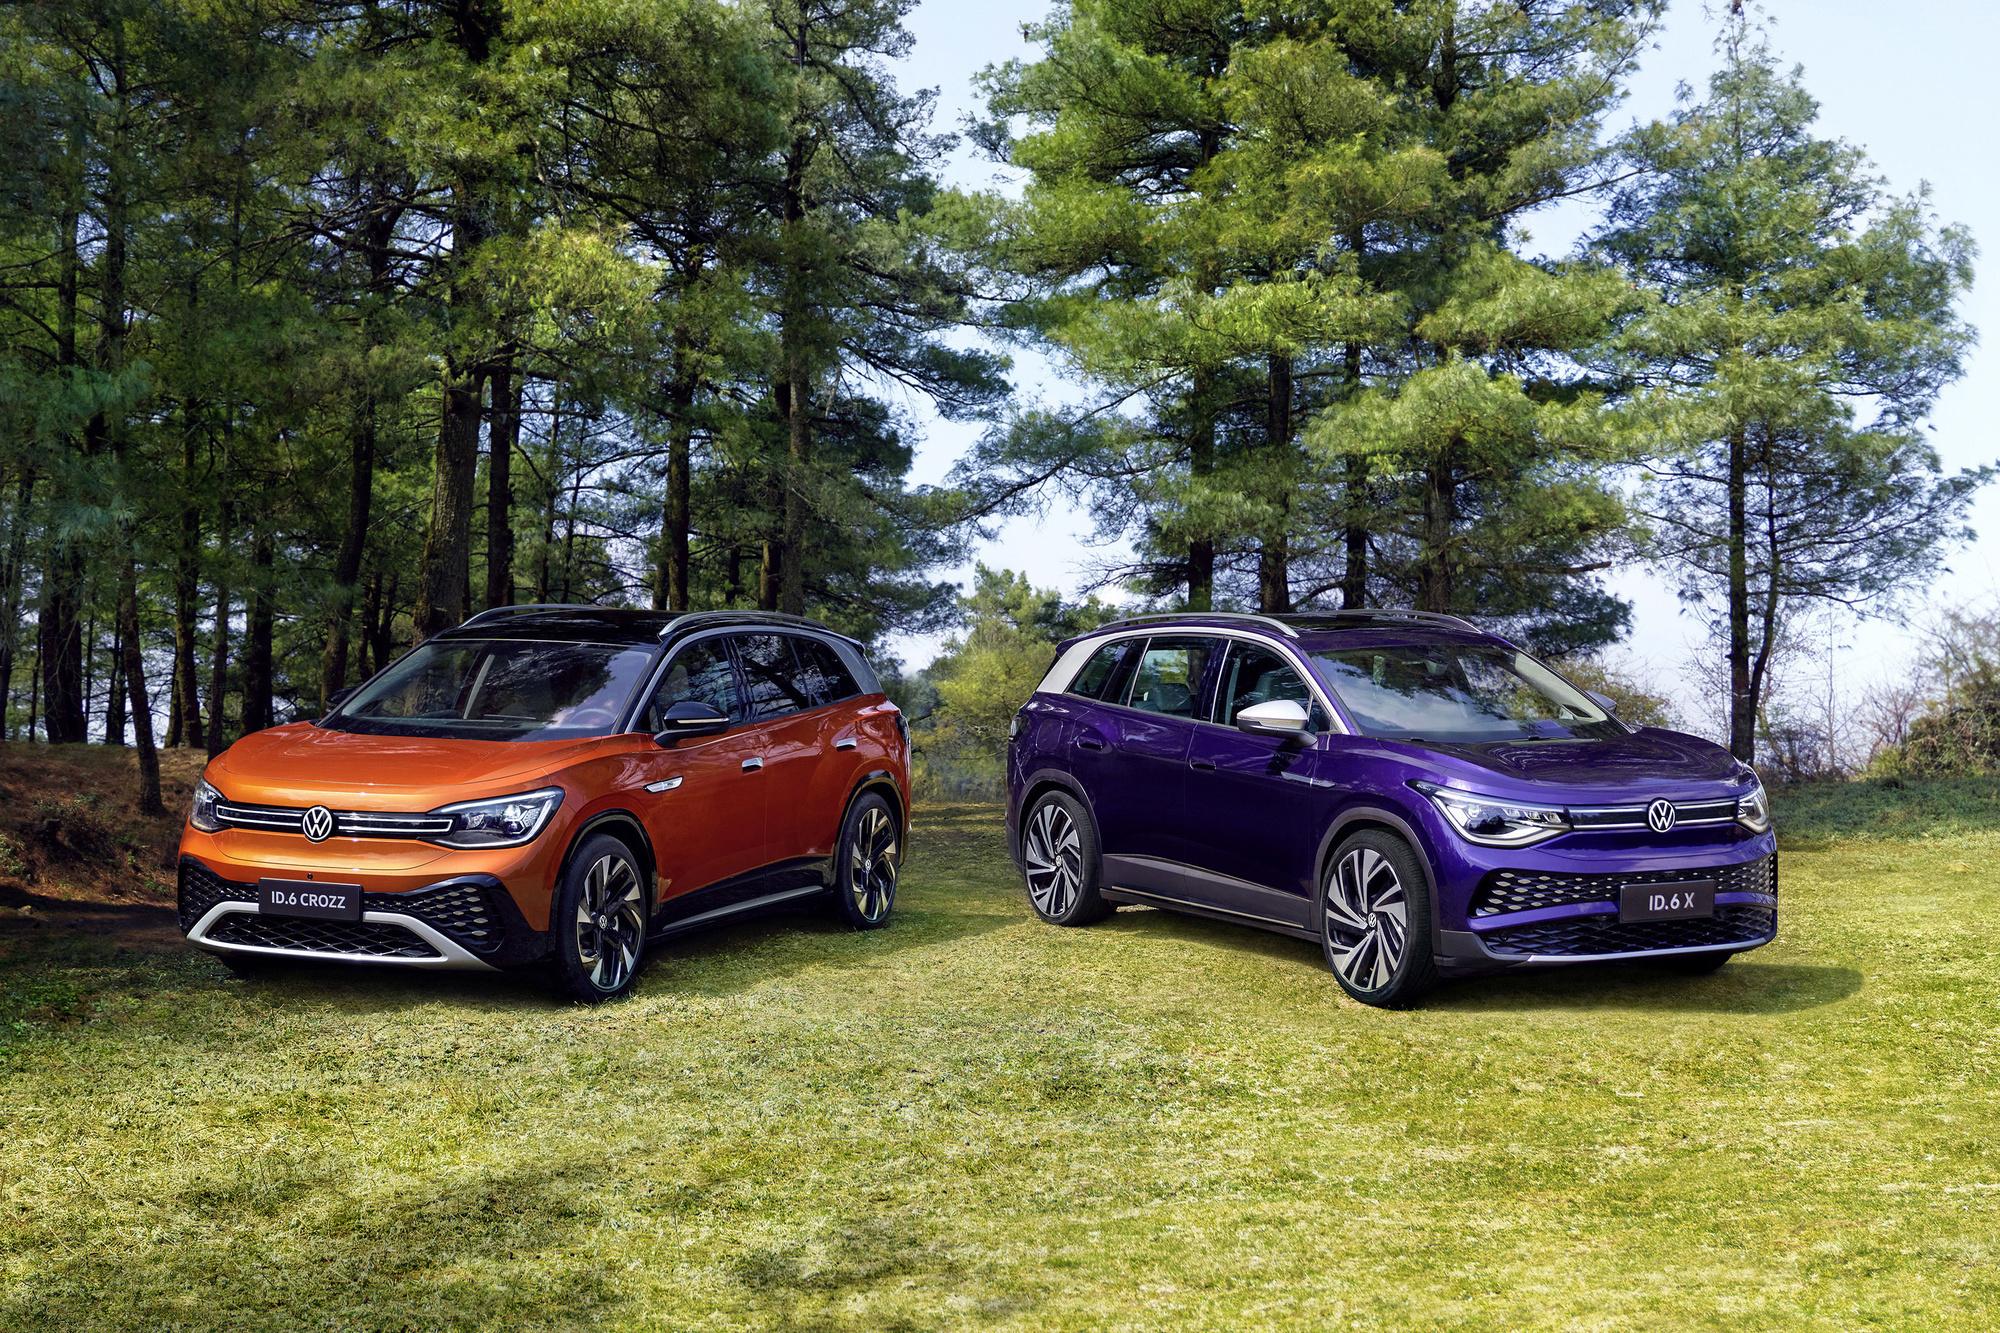 VW ontwikkelde de elektrisch aangedreven ID.6 speciaal voor de Chinese markt, .